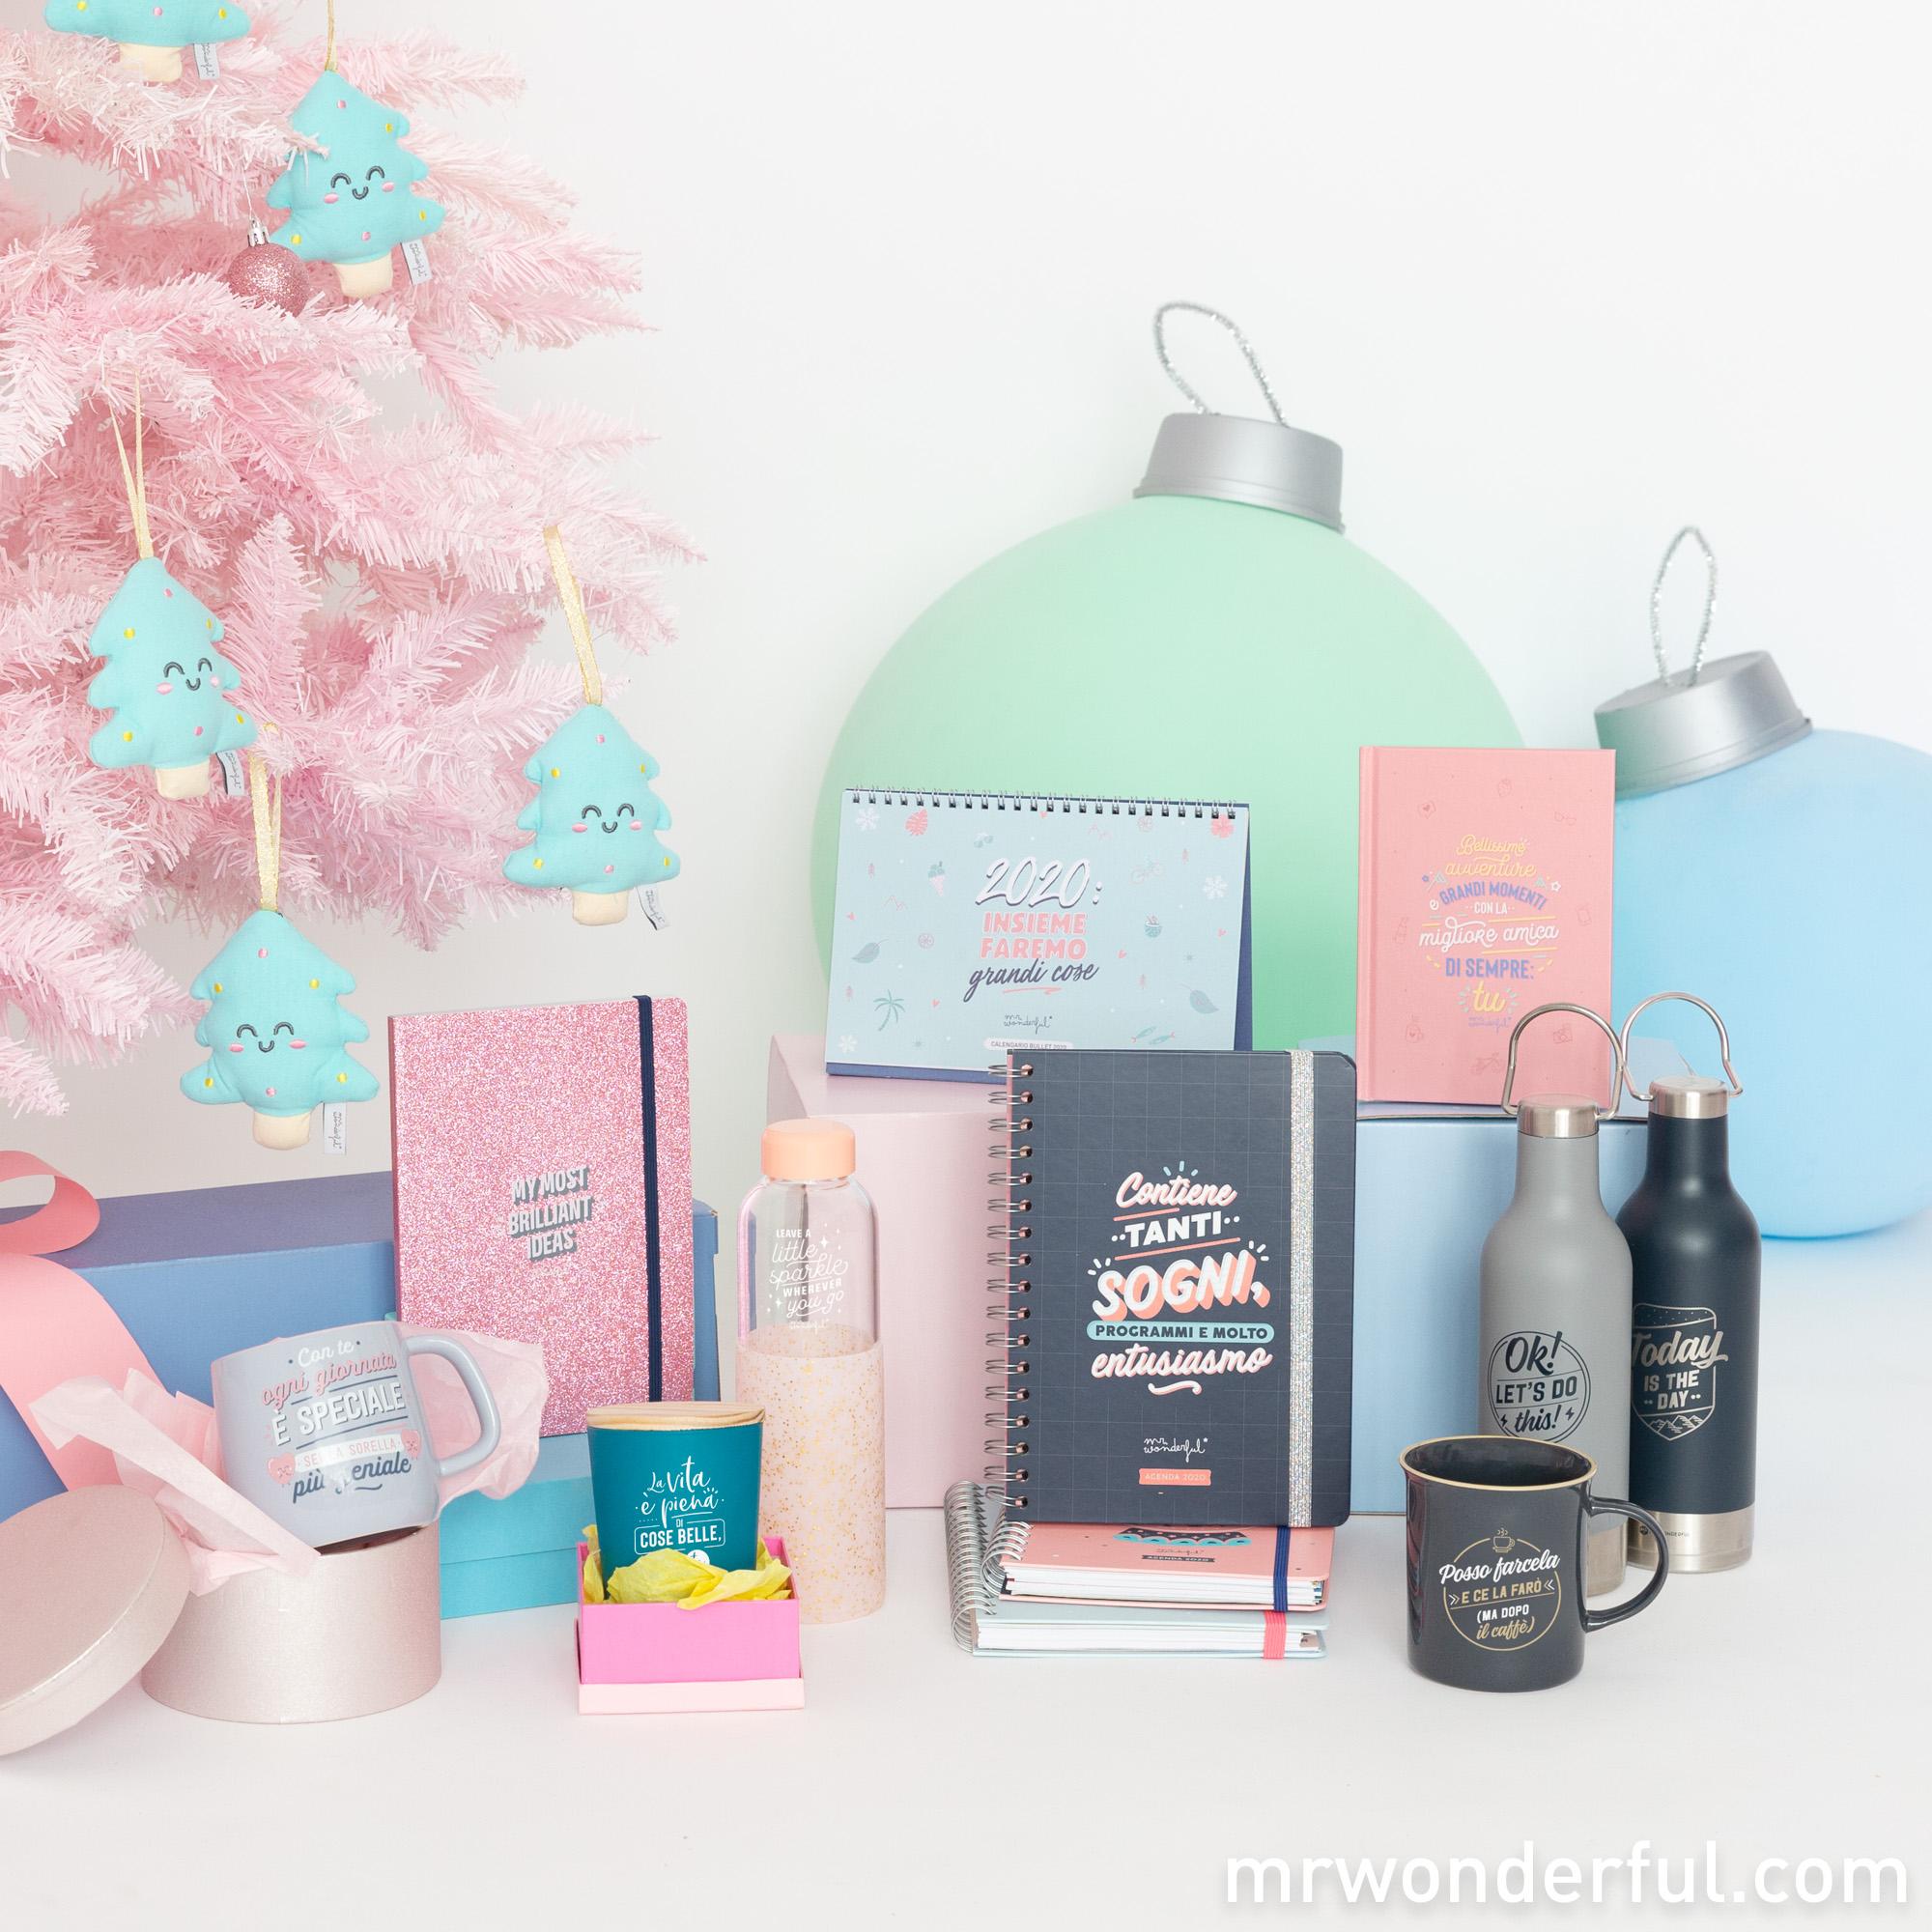 Regali di Natale: idee dal successo assicurato - Il blog di Mr